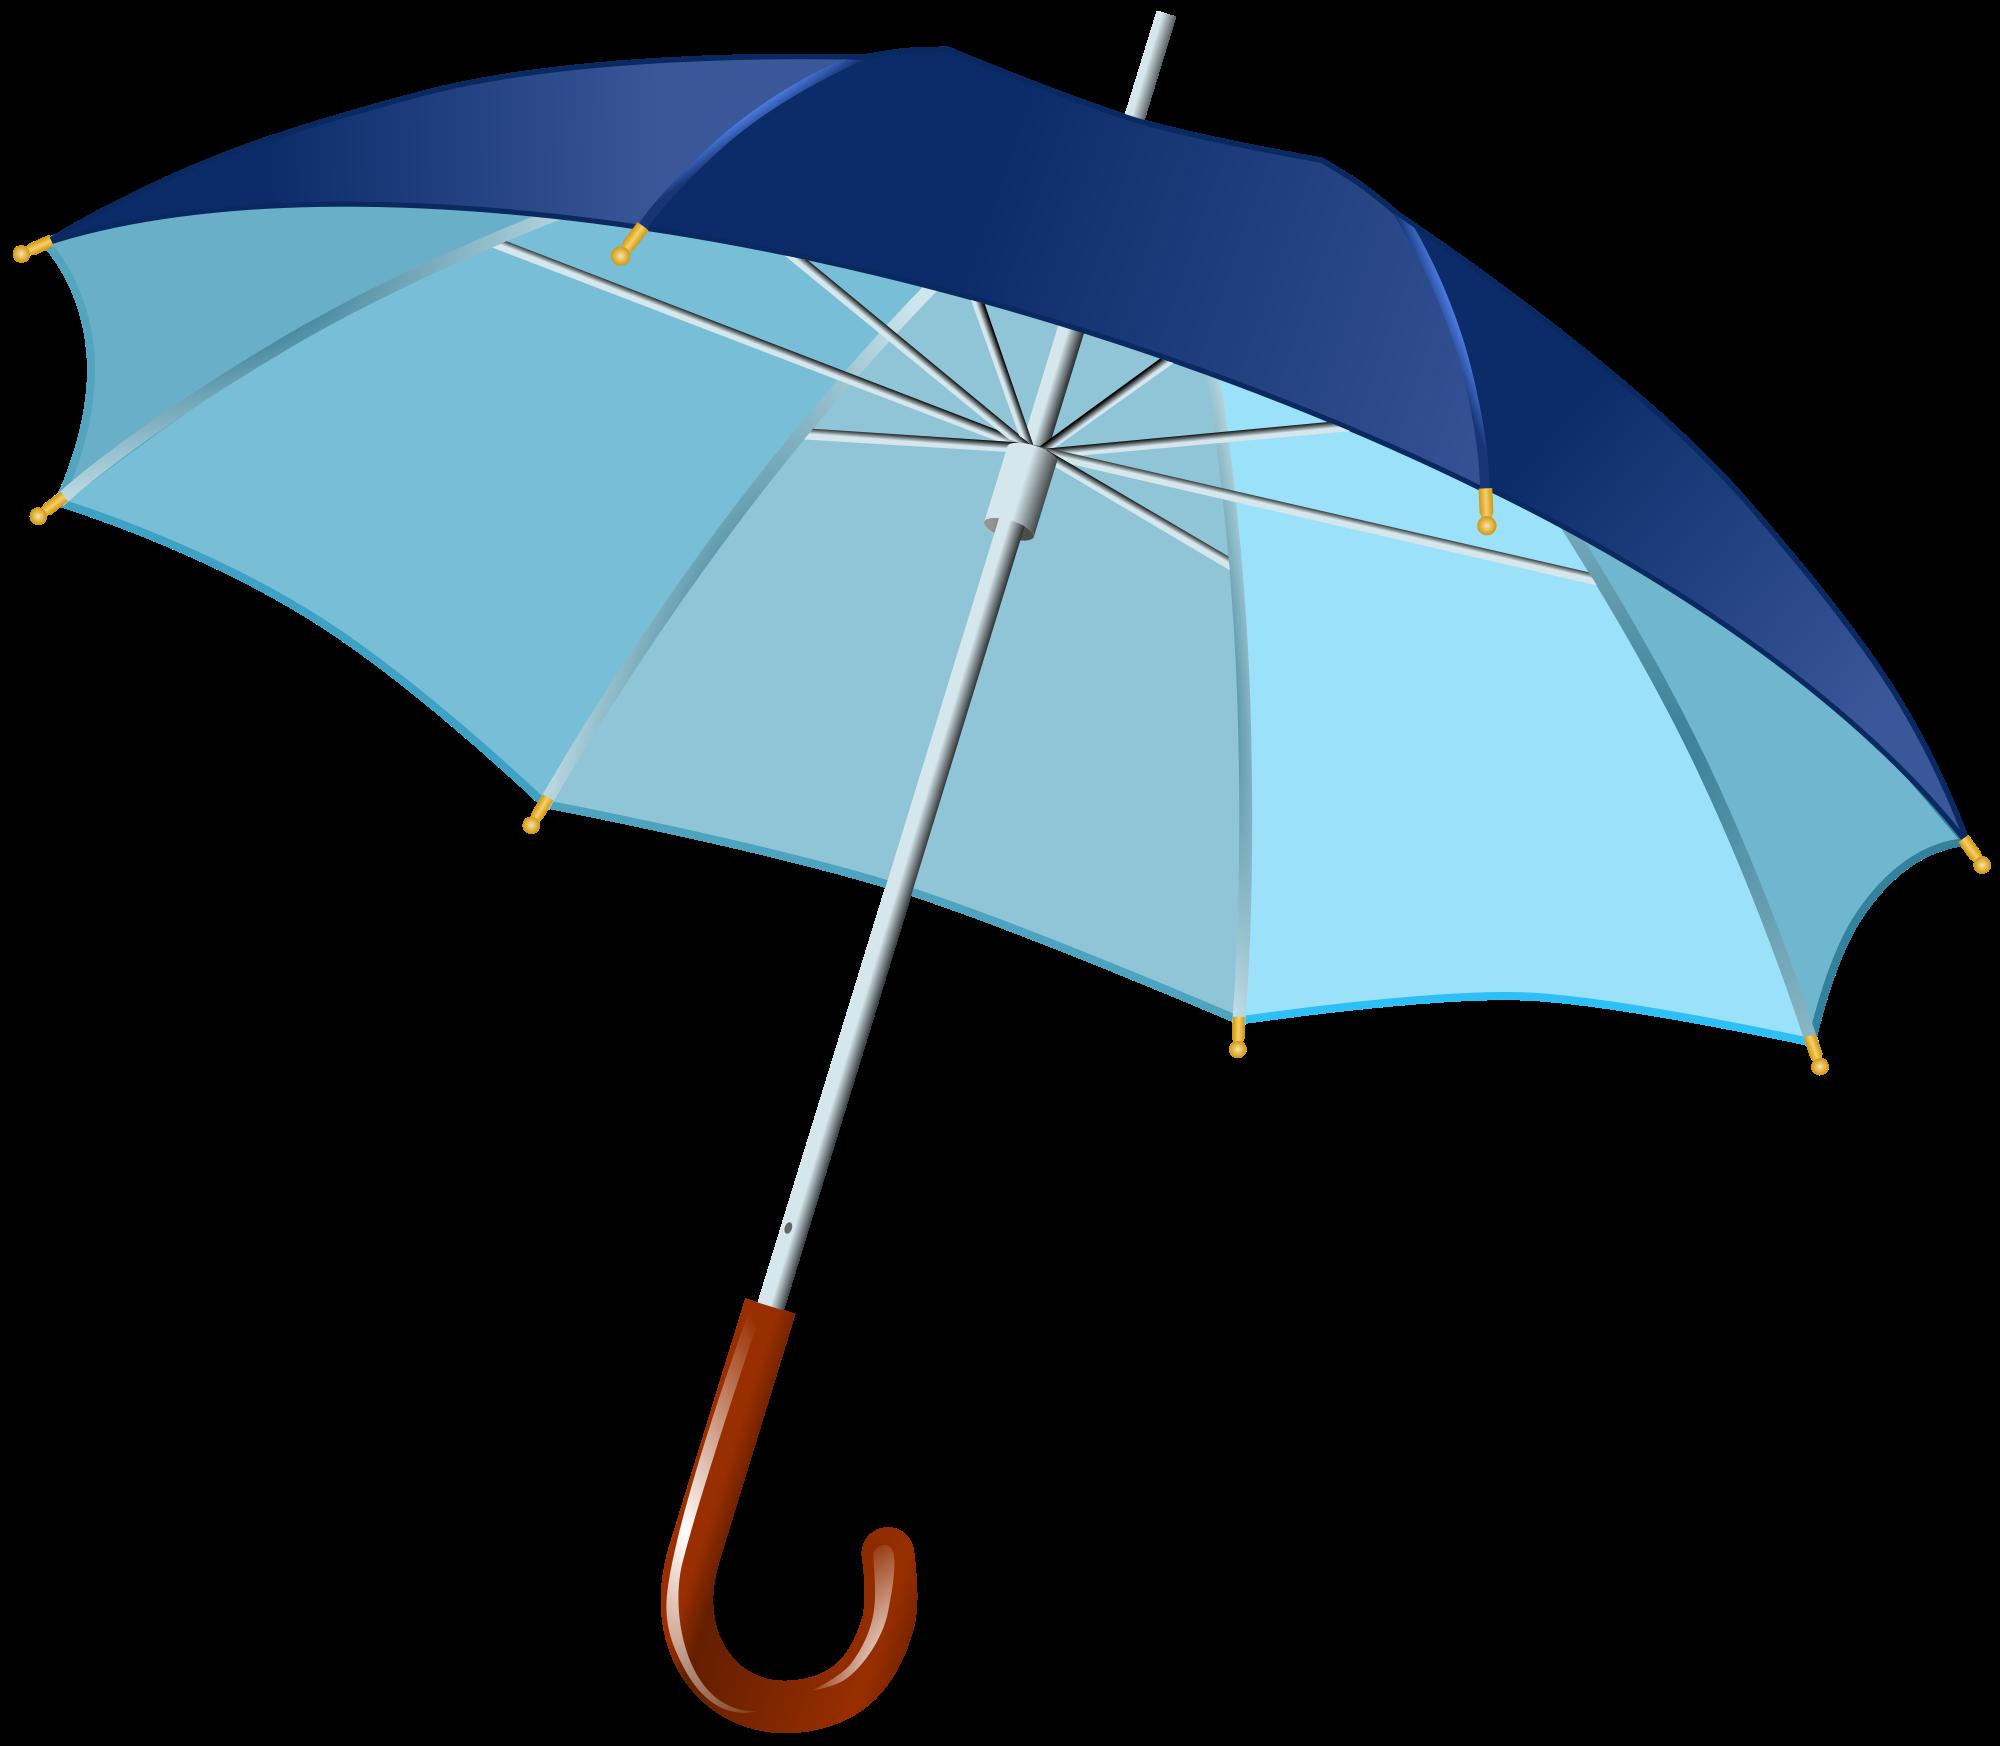 2000x1746 Download Umbrella Png Hd Hq Png Image Freepngimg